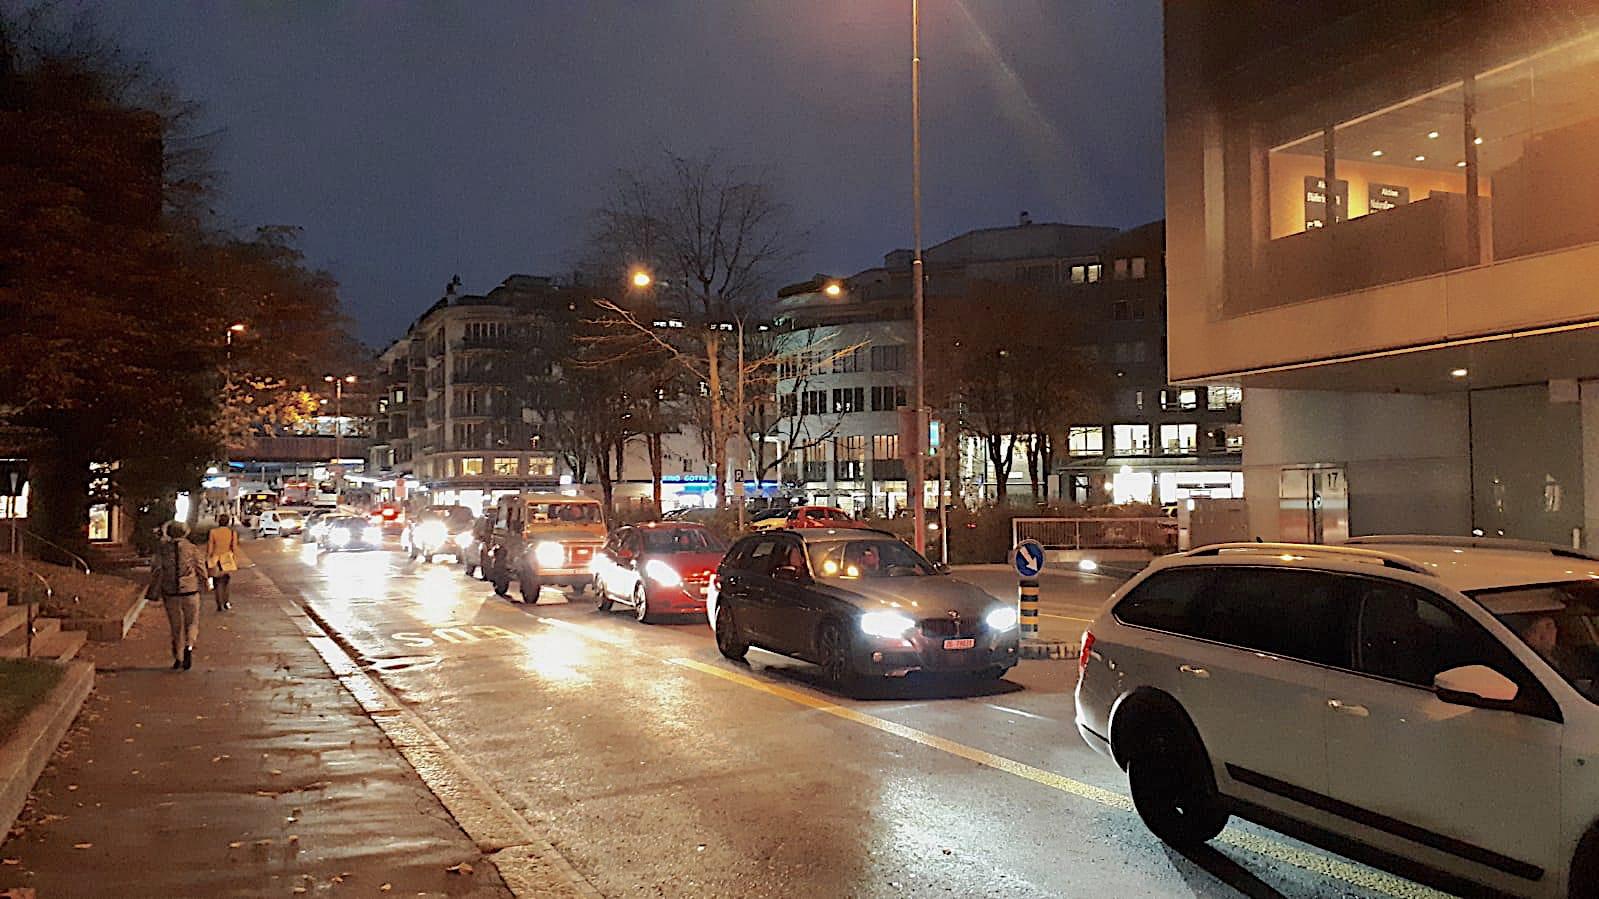 Heute: Zuger Alpenstrasse in Blickrichtung des Bahnhofs – mit Stau und Tempo 50.